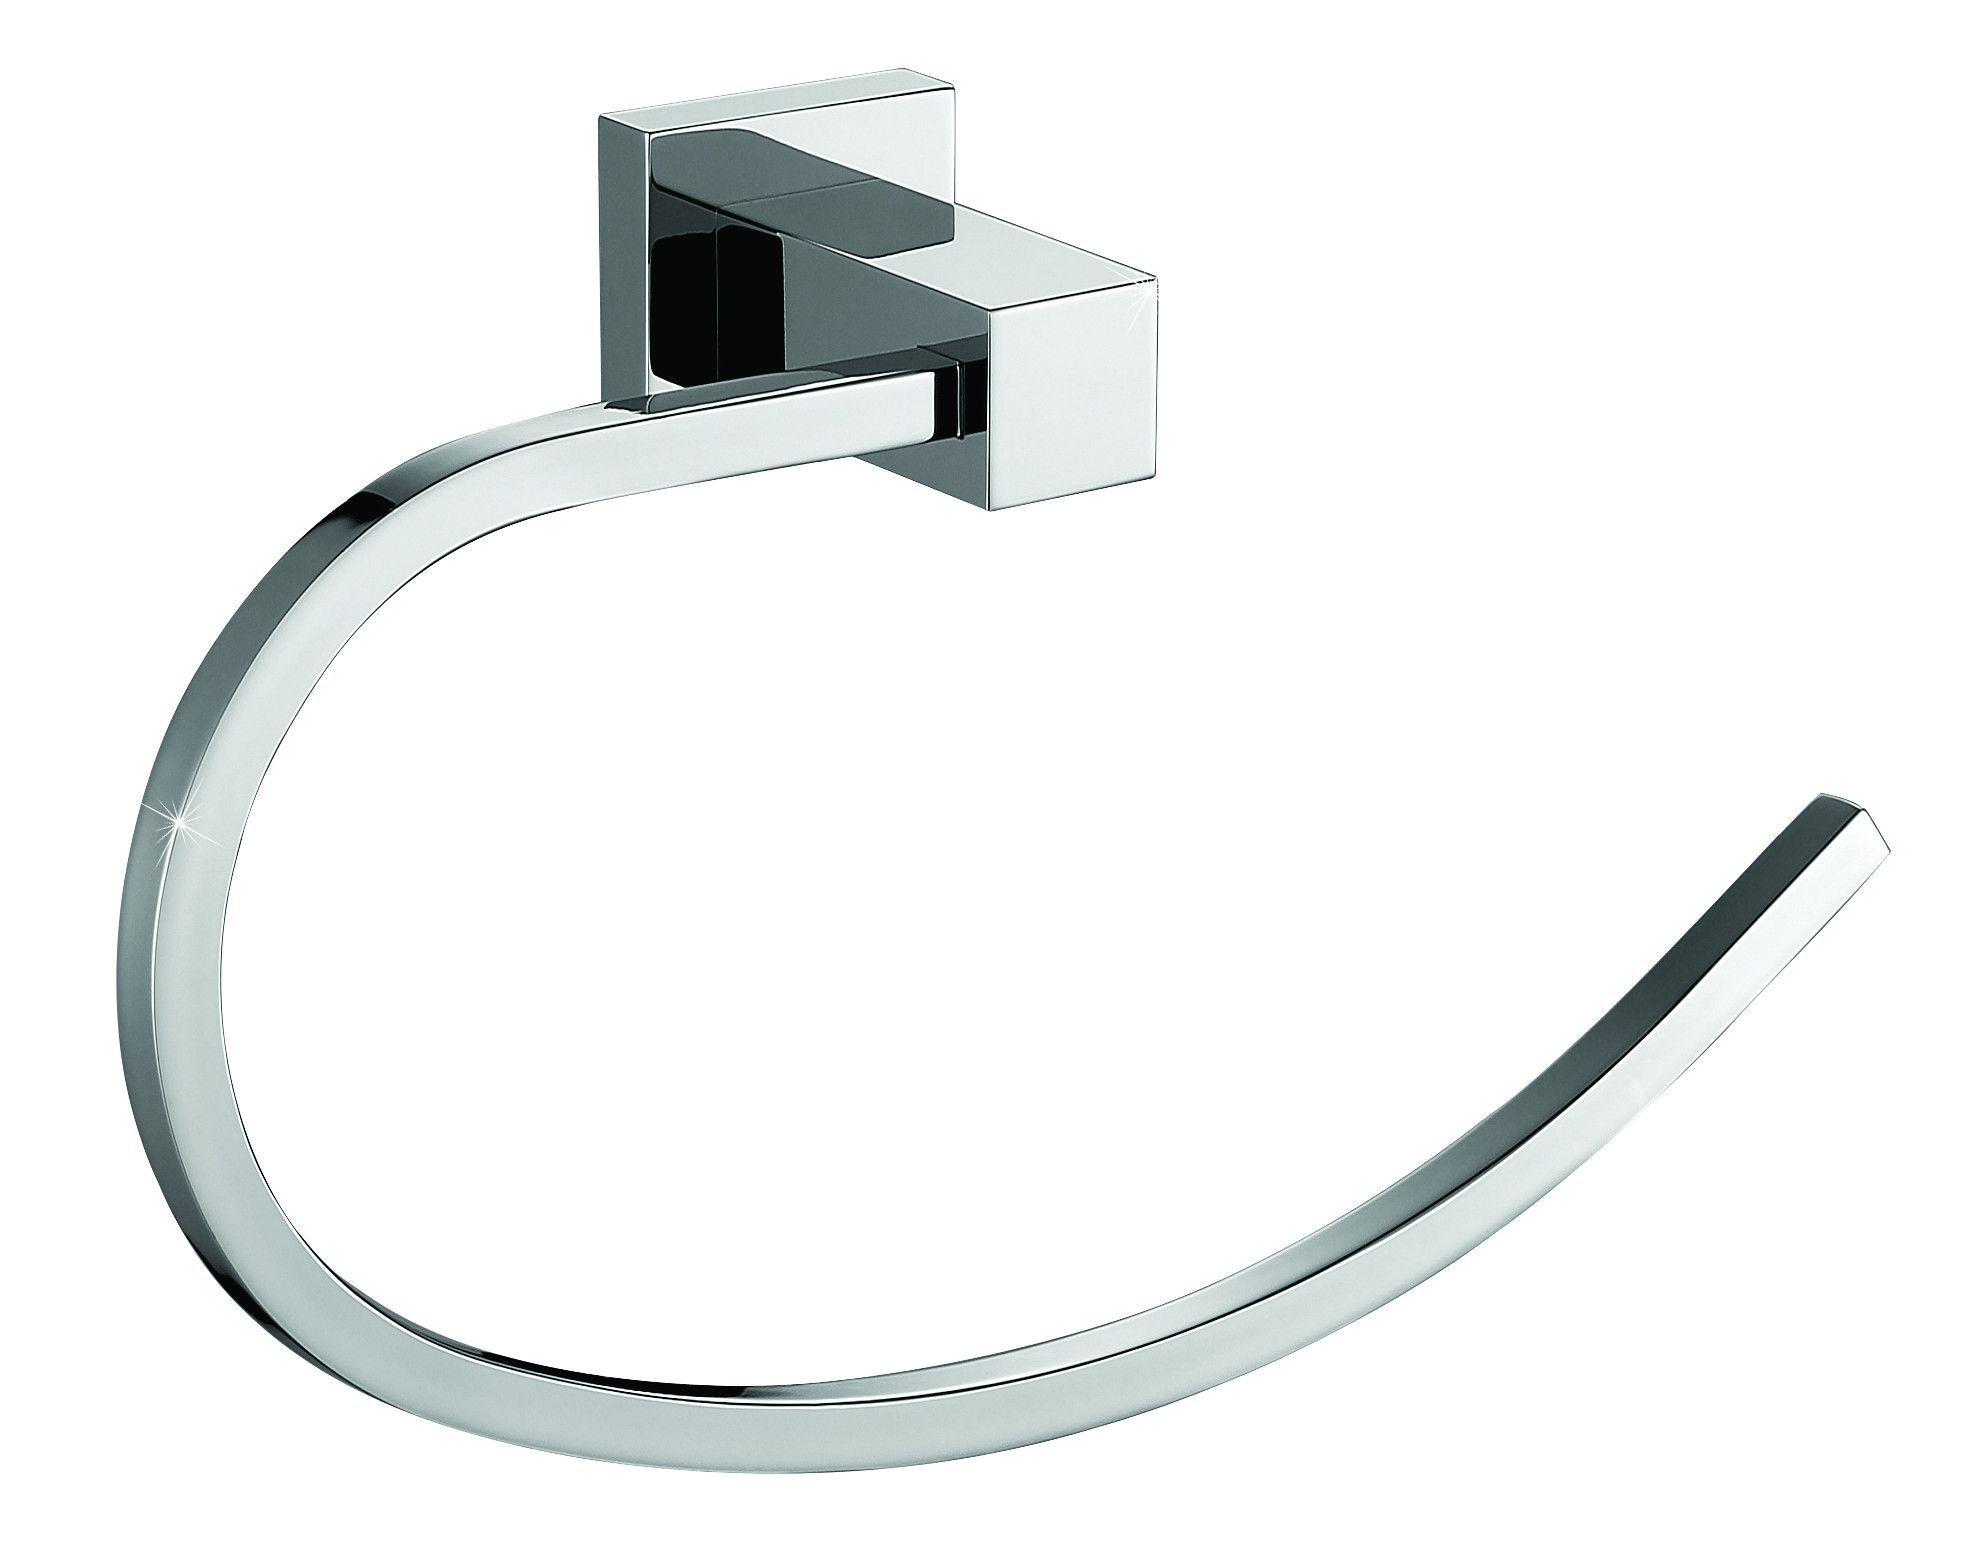 Me Cubo Brass Towel Ring Holder Towel Hanger Open Arm Polished Chrome Towel Hanger Towel Hangers For Bathroom Polished Chrome